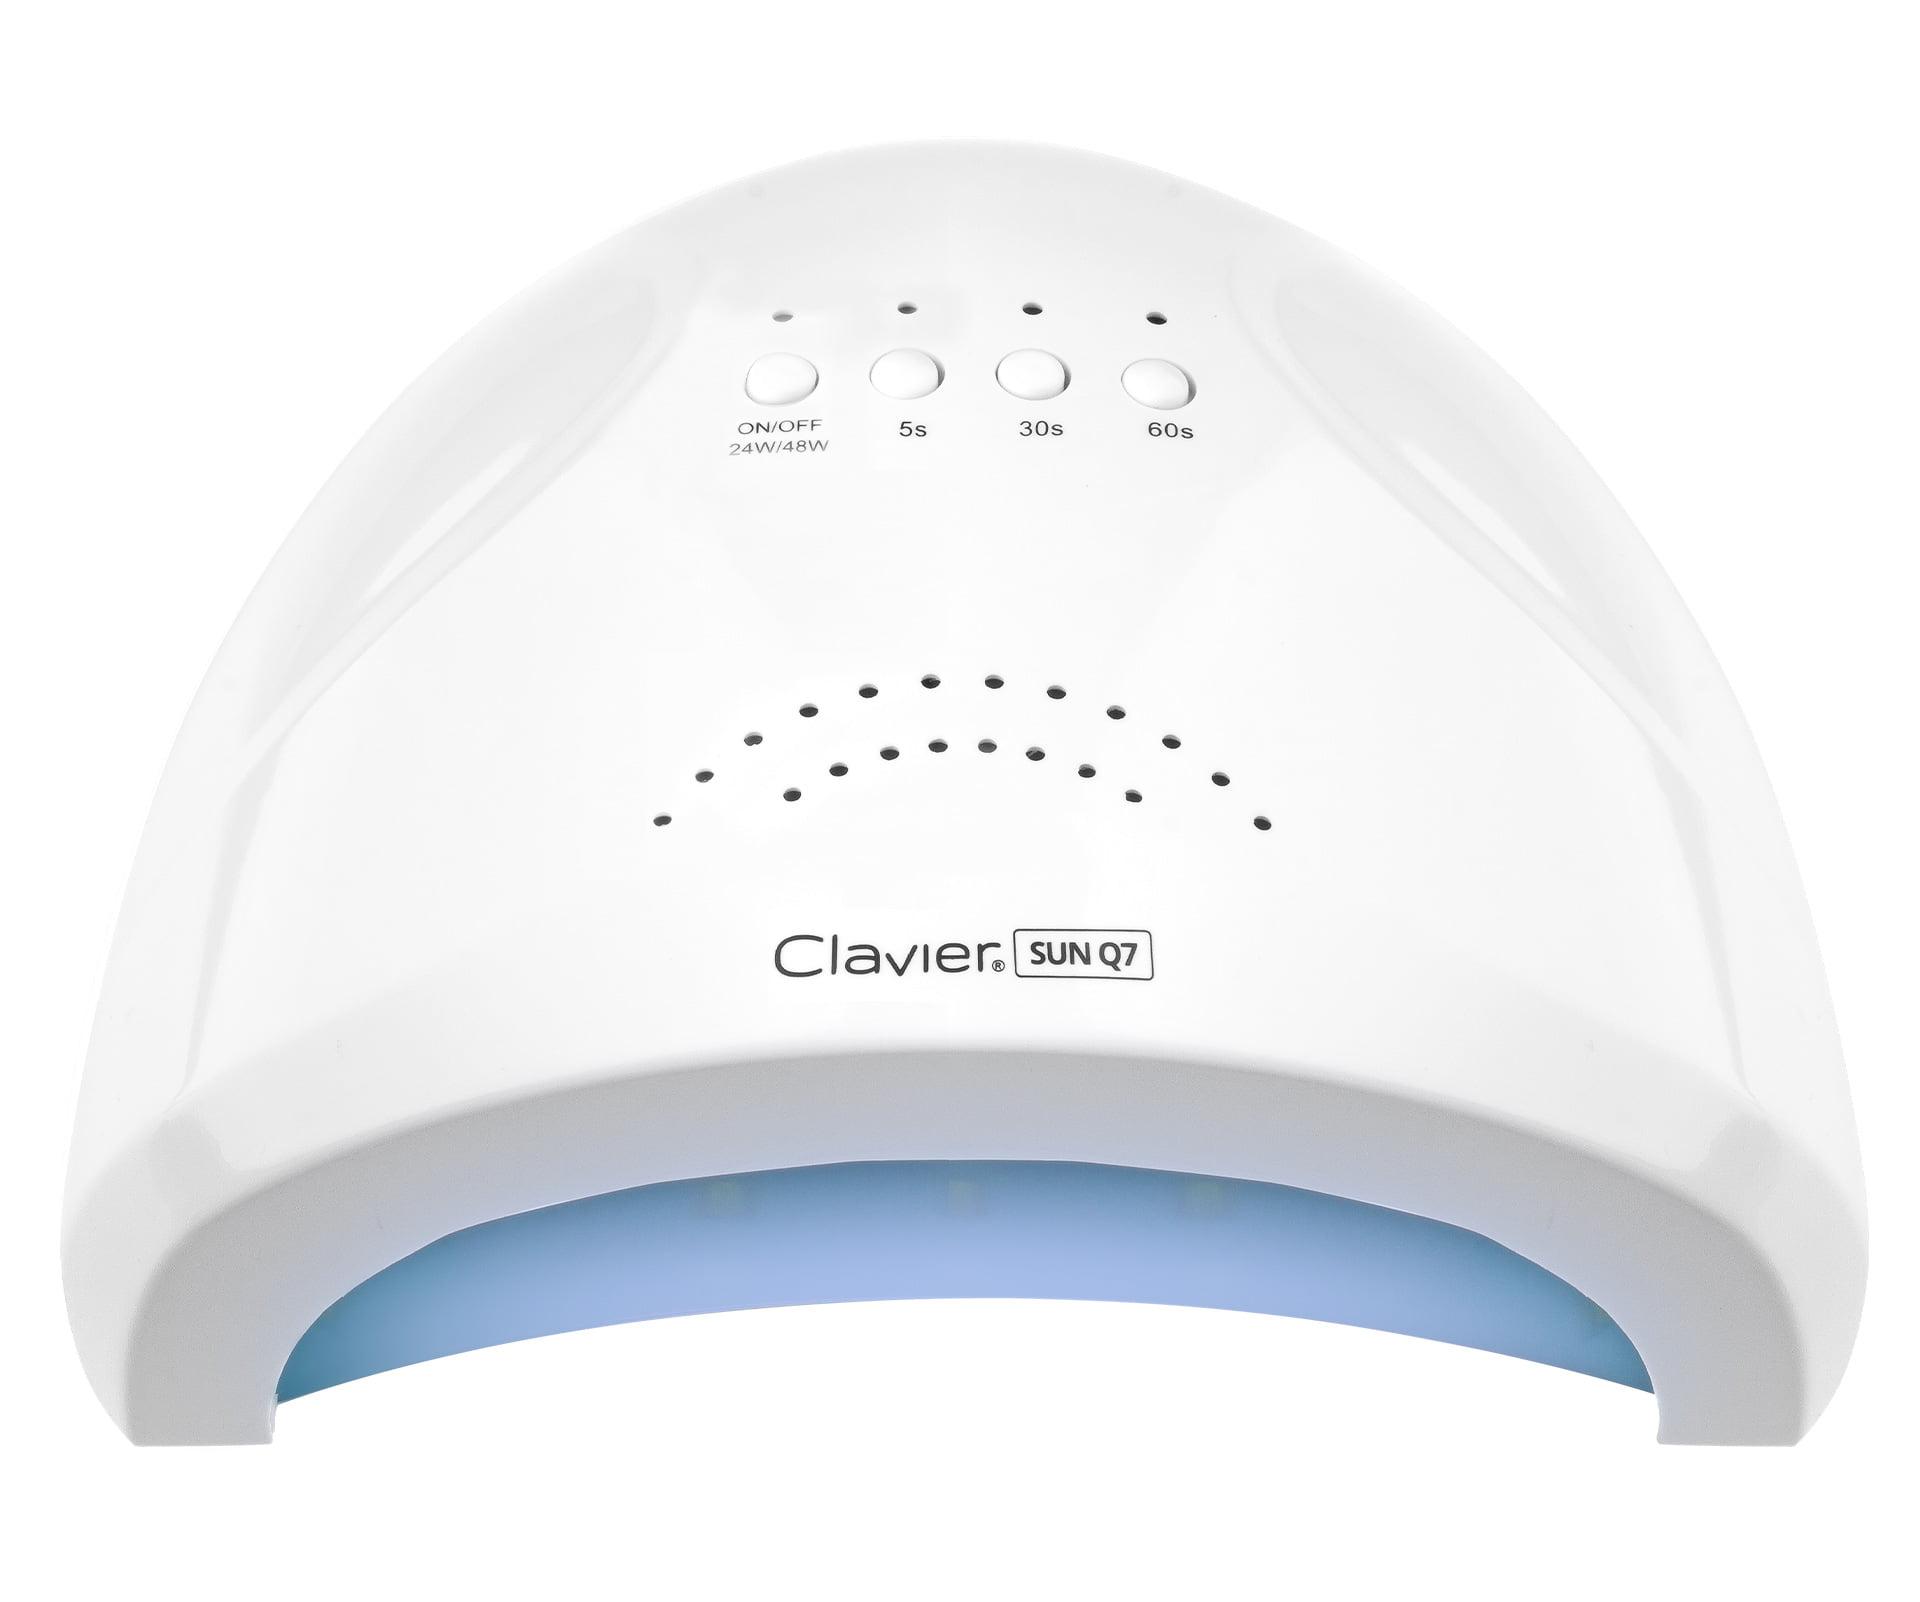 Clavier Q7 - Marka od 48 W UV / LED svjetiljke